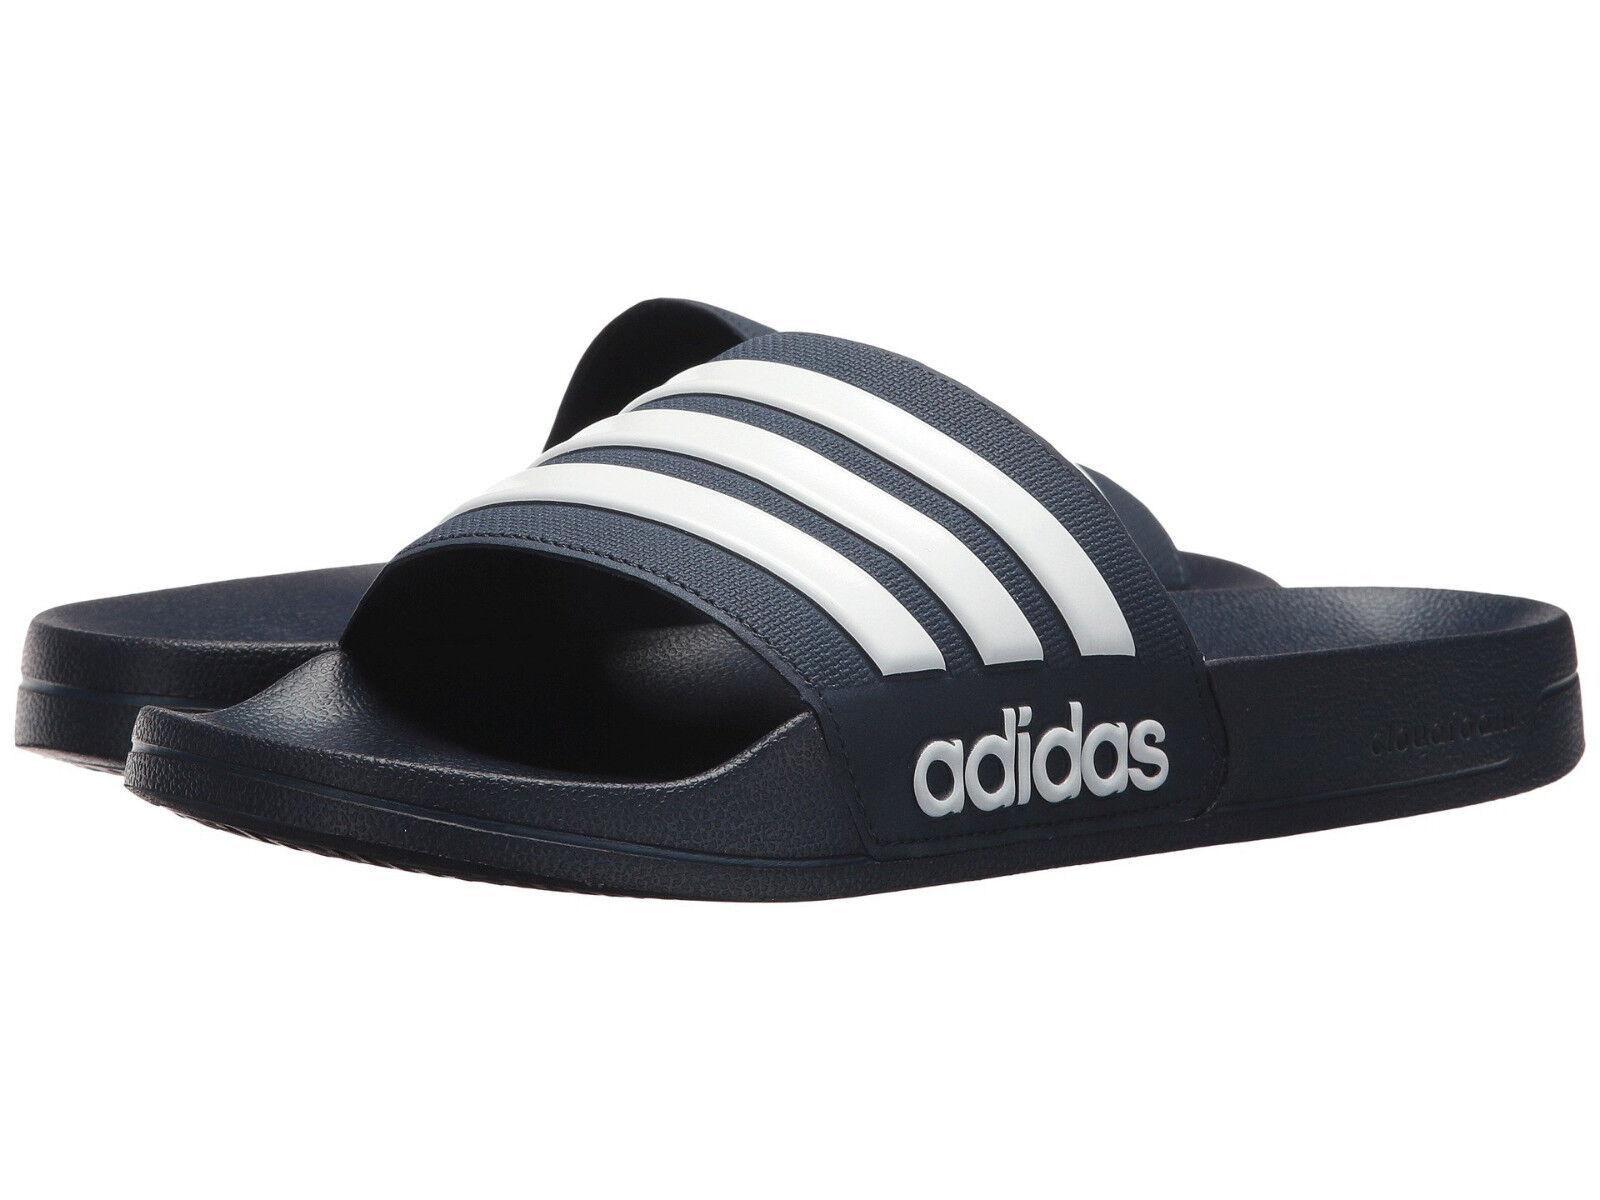 74f2497bc Men Adidas NEO CF Adilette Slide Slide Slide Sandal AQ1703 Collegiate  Navy White Brand New 79d0c2